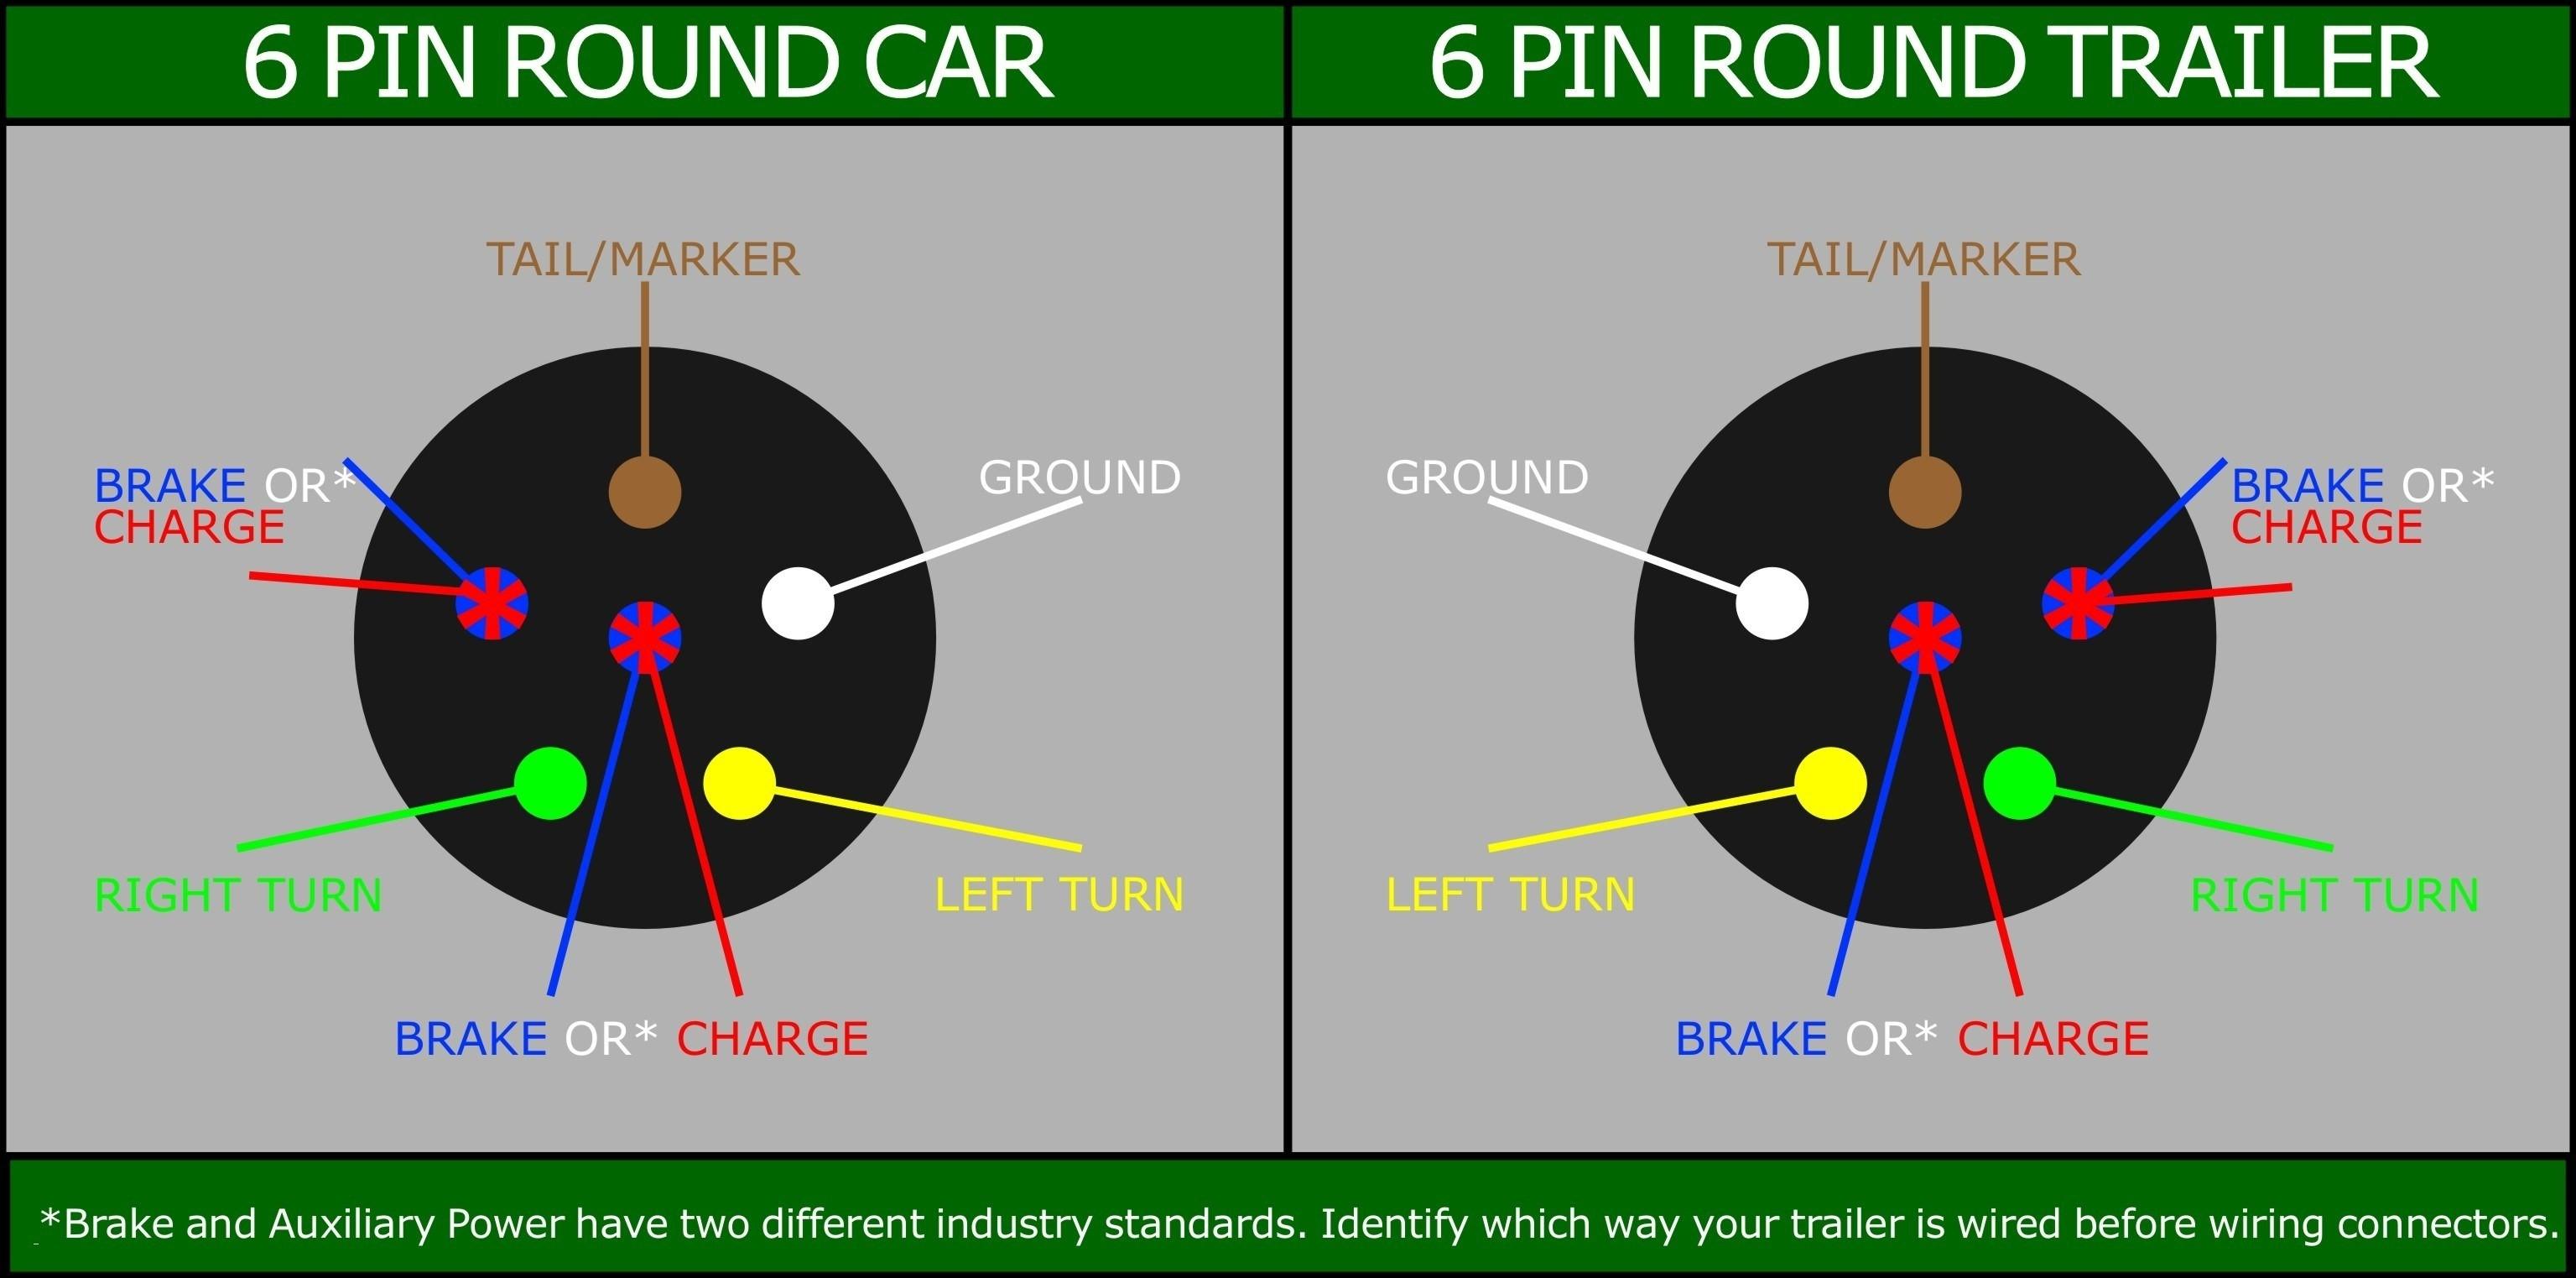 bargman tail light wiring diagram sierra wiring diagram, hella 7-Way Trailer Wiring Diagram